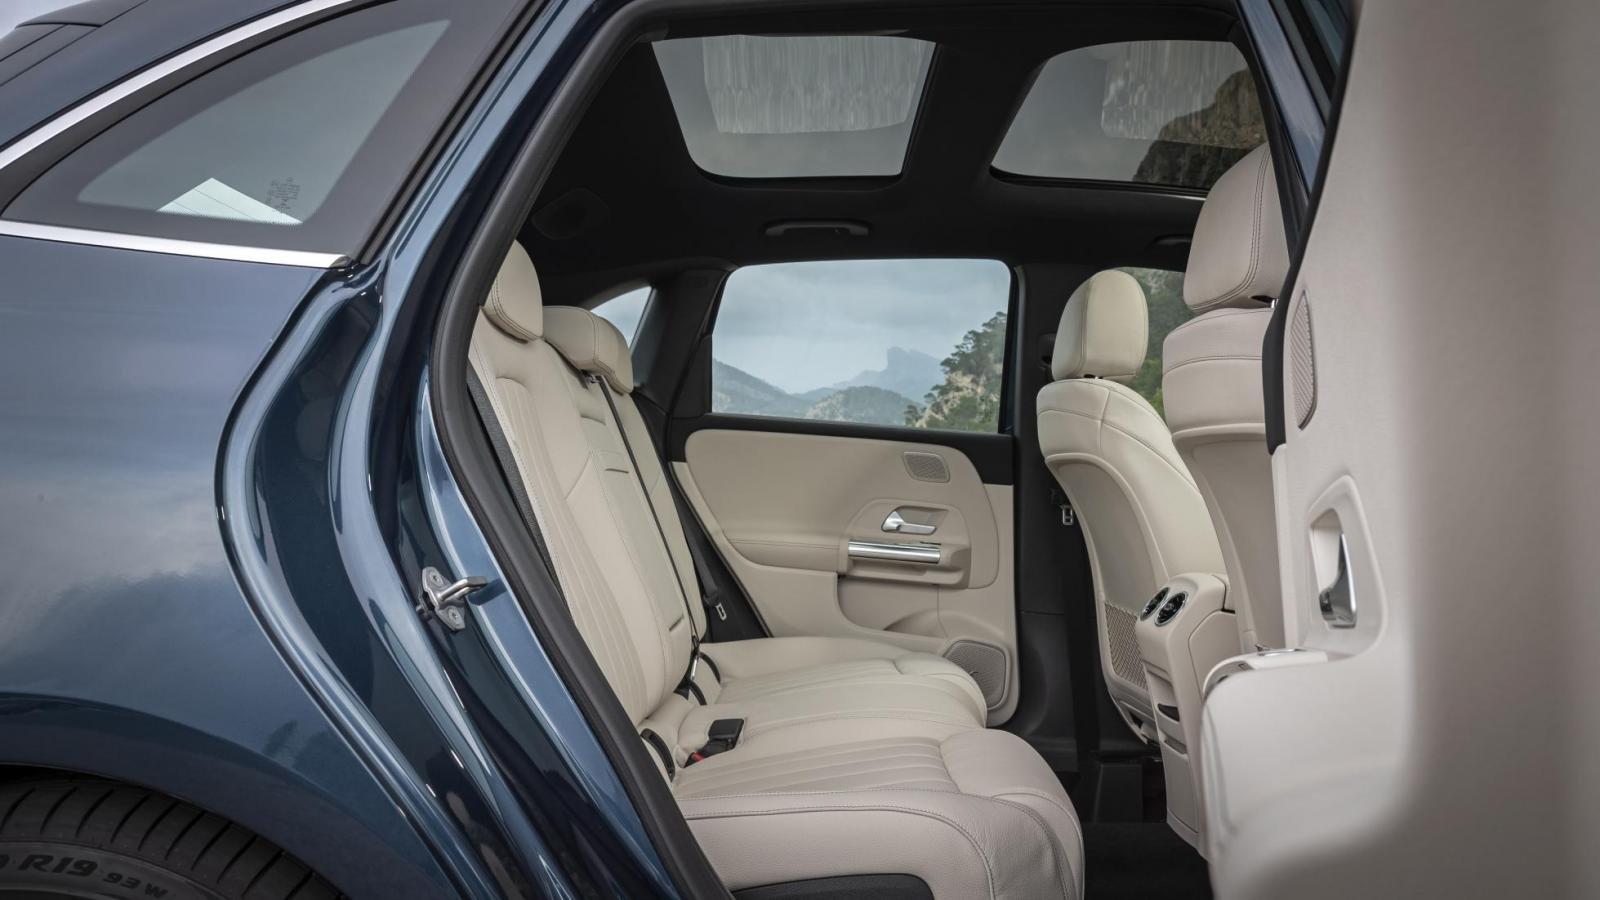 Đánh giá xe Mercedes-Benz B-Class 2020 về ghế ngồi: ghế sau